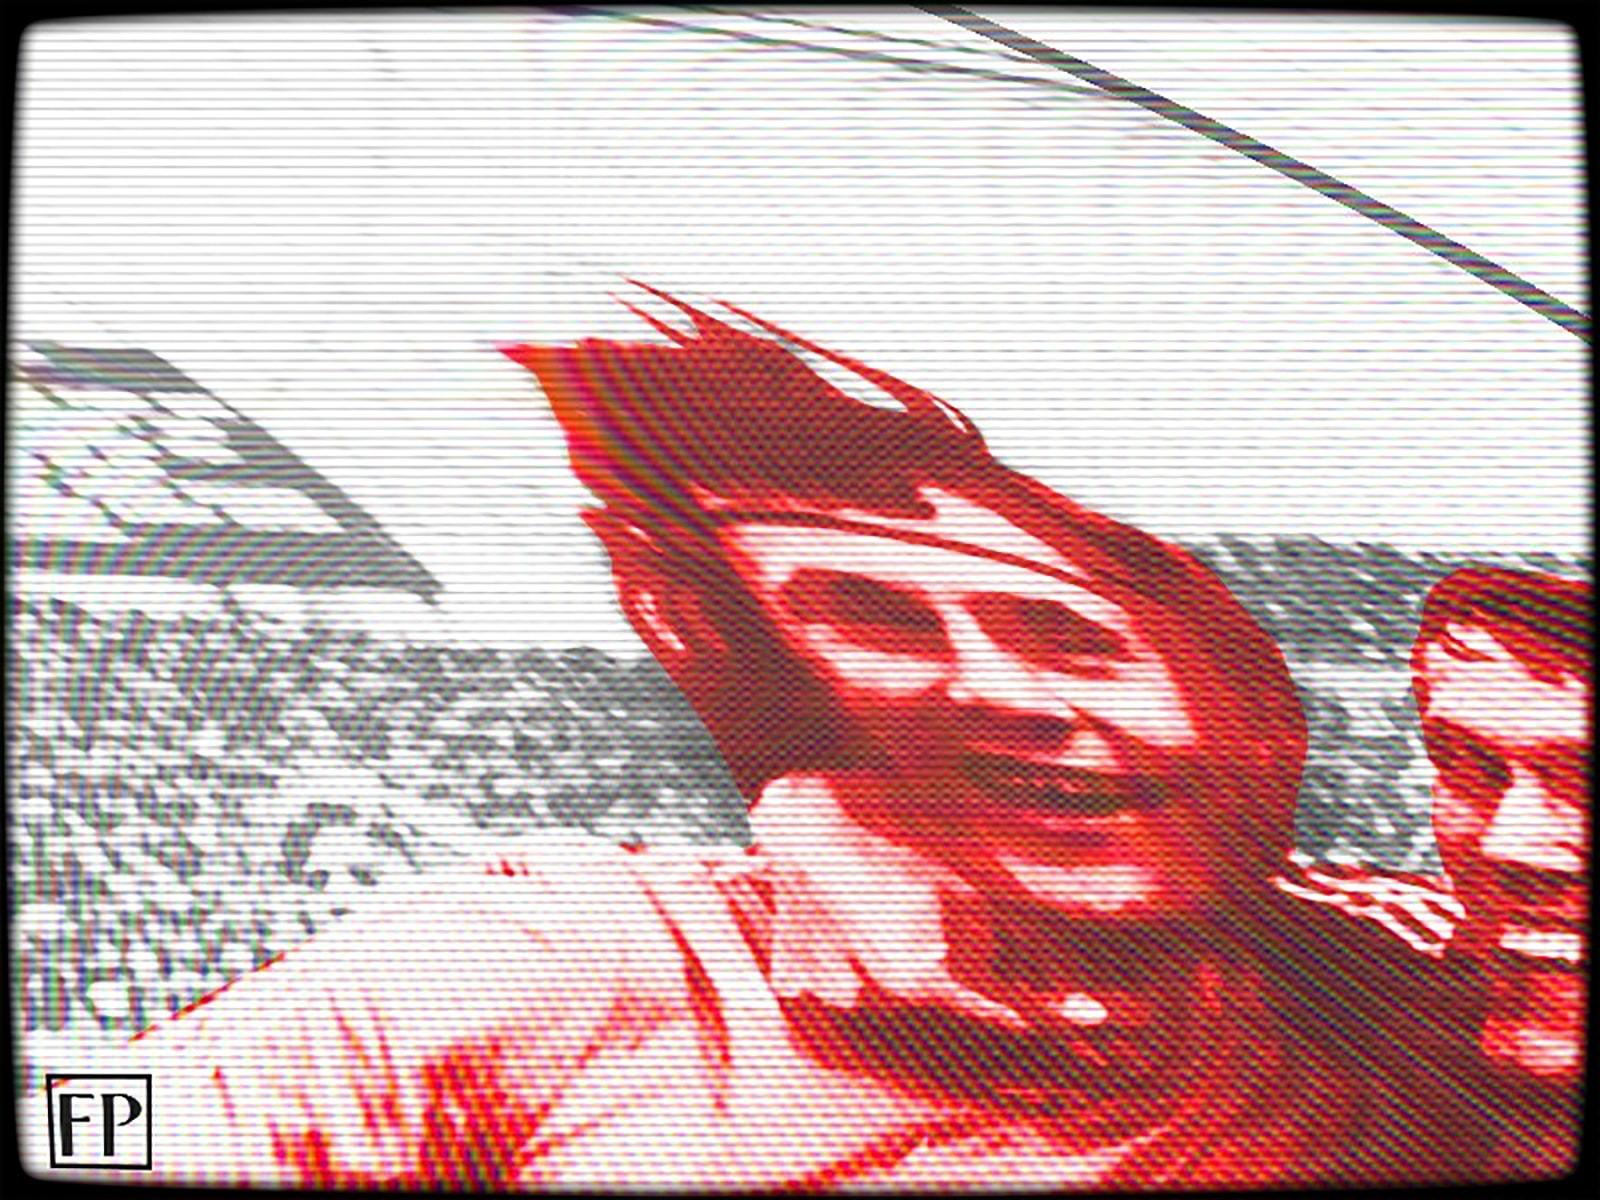 Wembley '73: When a Socialist Poland Clowned Sir Alf Ramsey's England - Football Paradise